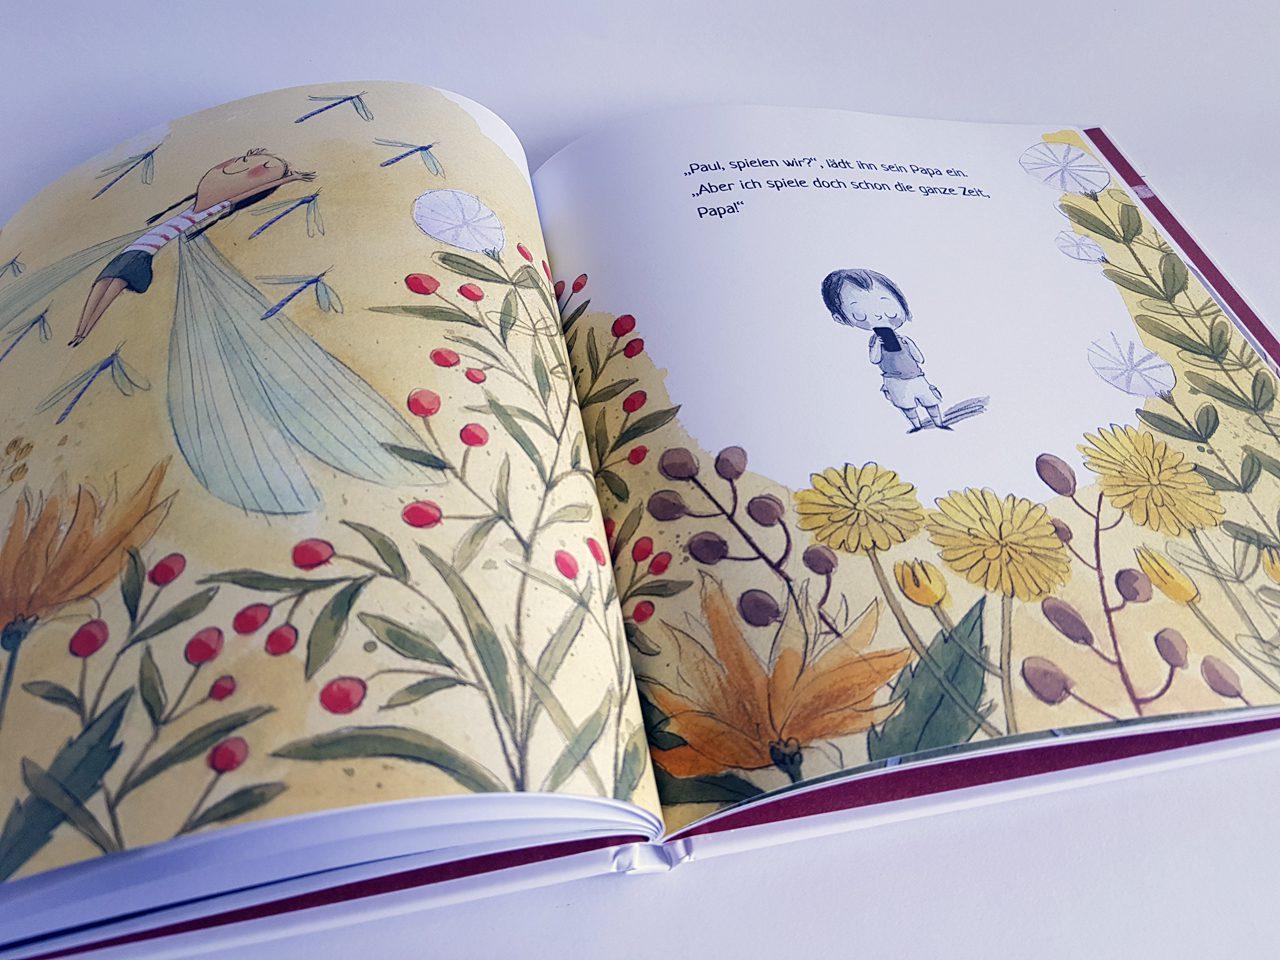 Komm wir wollen spielen Jumbo Verlag aufgeschlagenes Kinderbuch